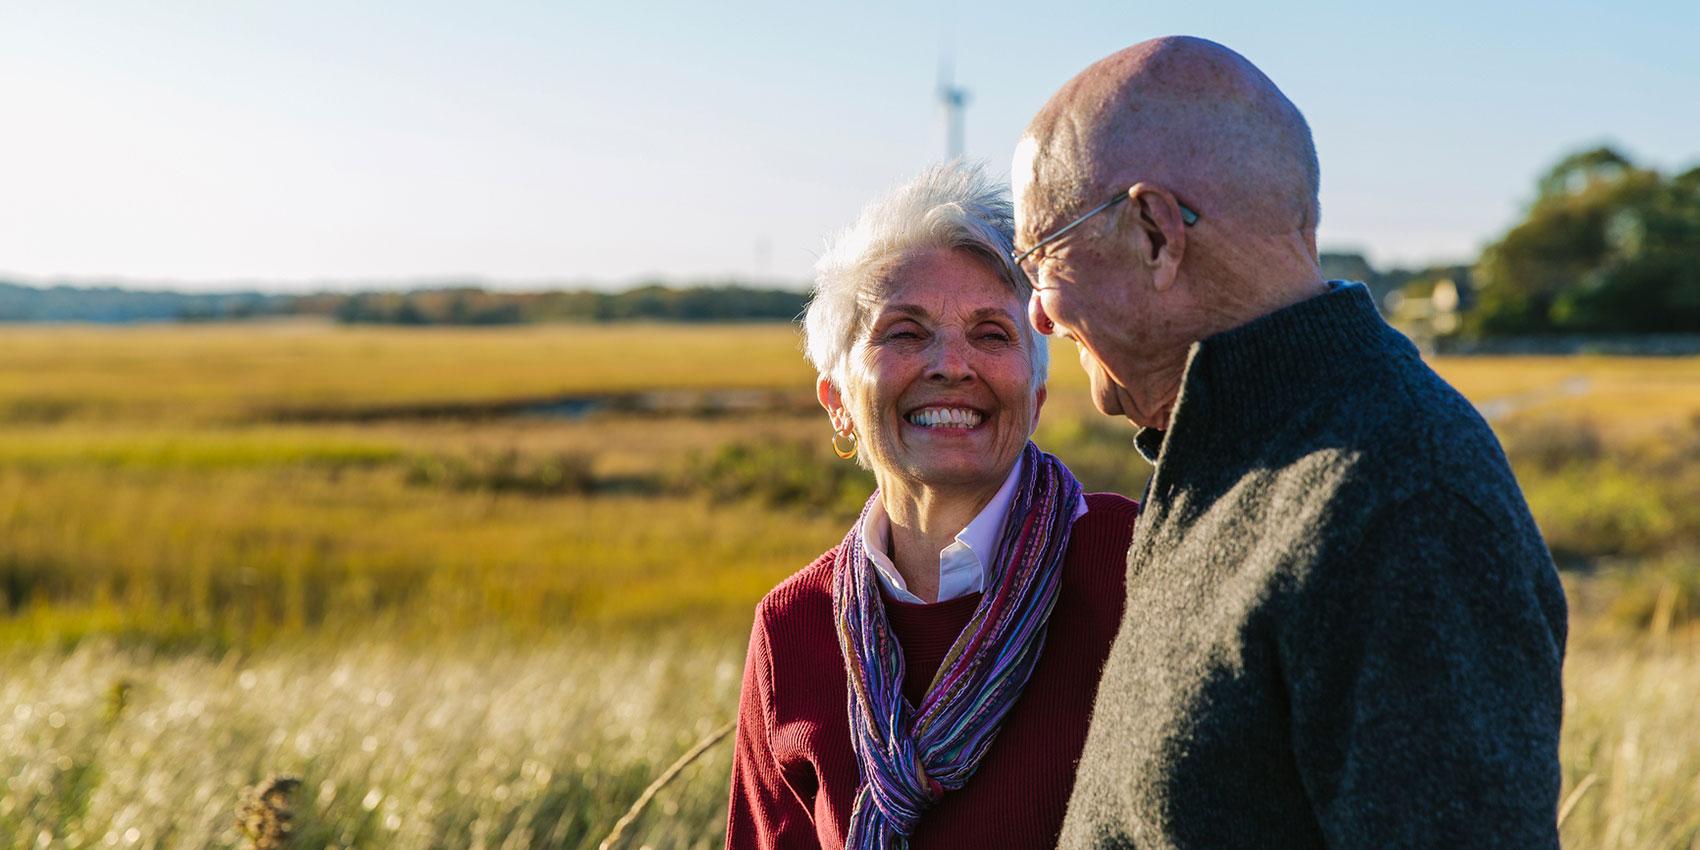 mann og kone smilende i feltet